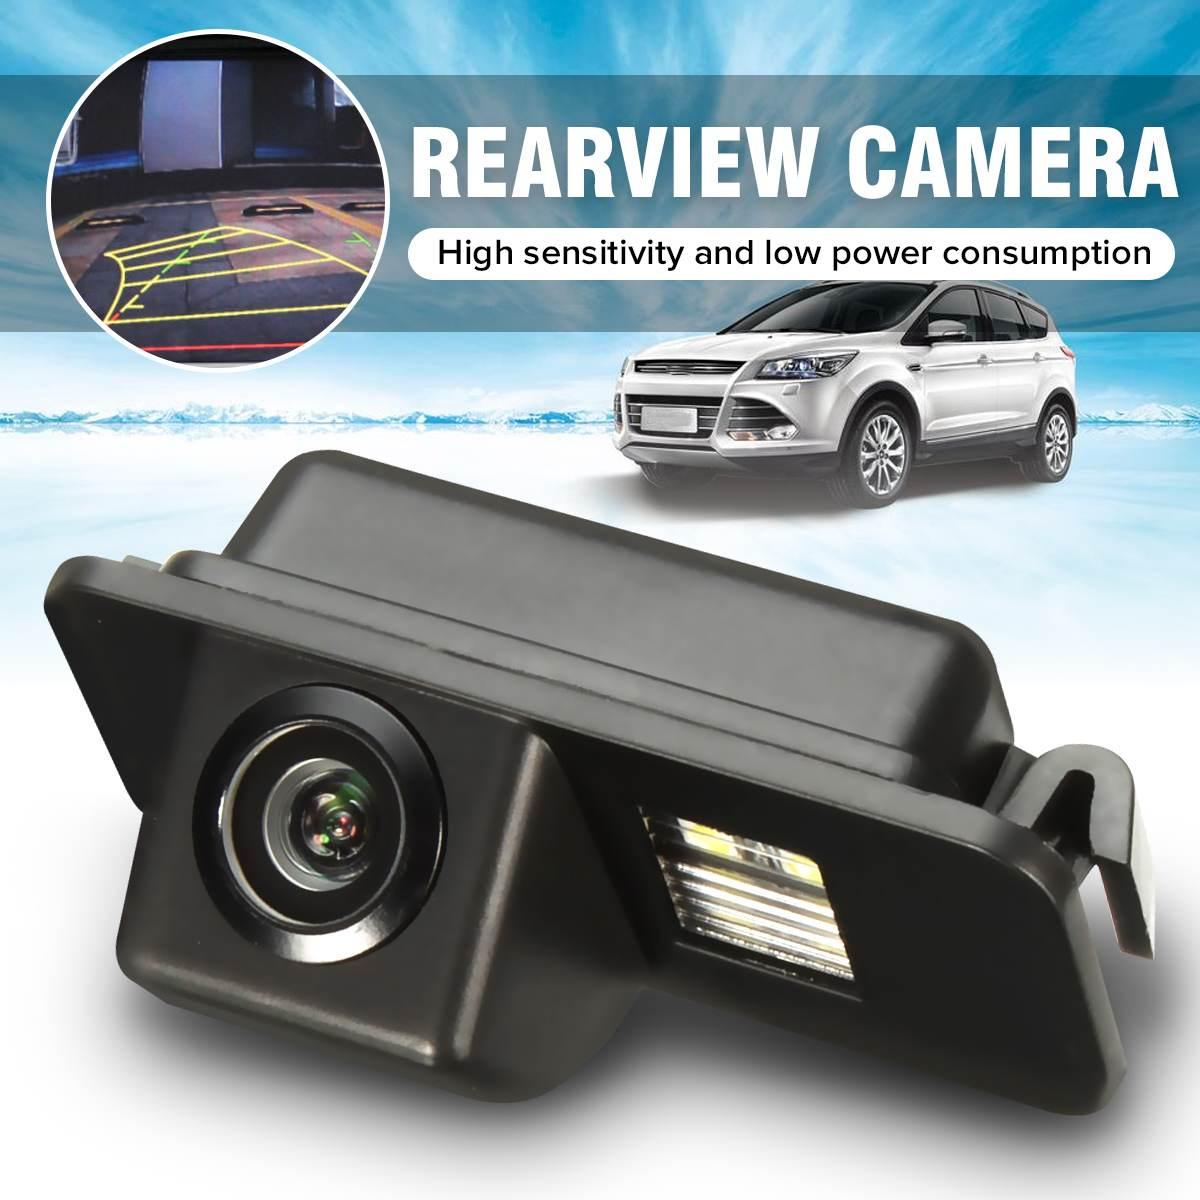 Caméra de Vision nocturne sans fil | CCD HD, caméra arrière pour voiture, stationnement inversé, étanche pour Ford Mondeo BA7 Focus C307 s-max Fiesta Kuga